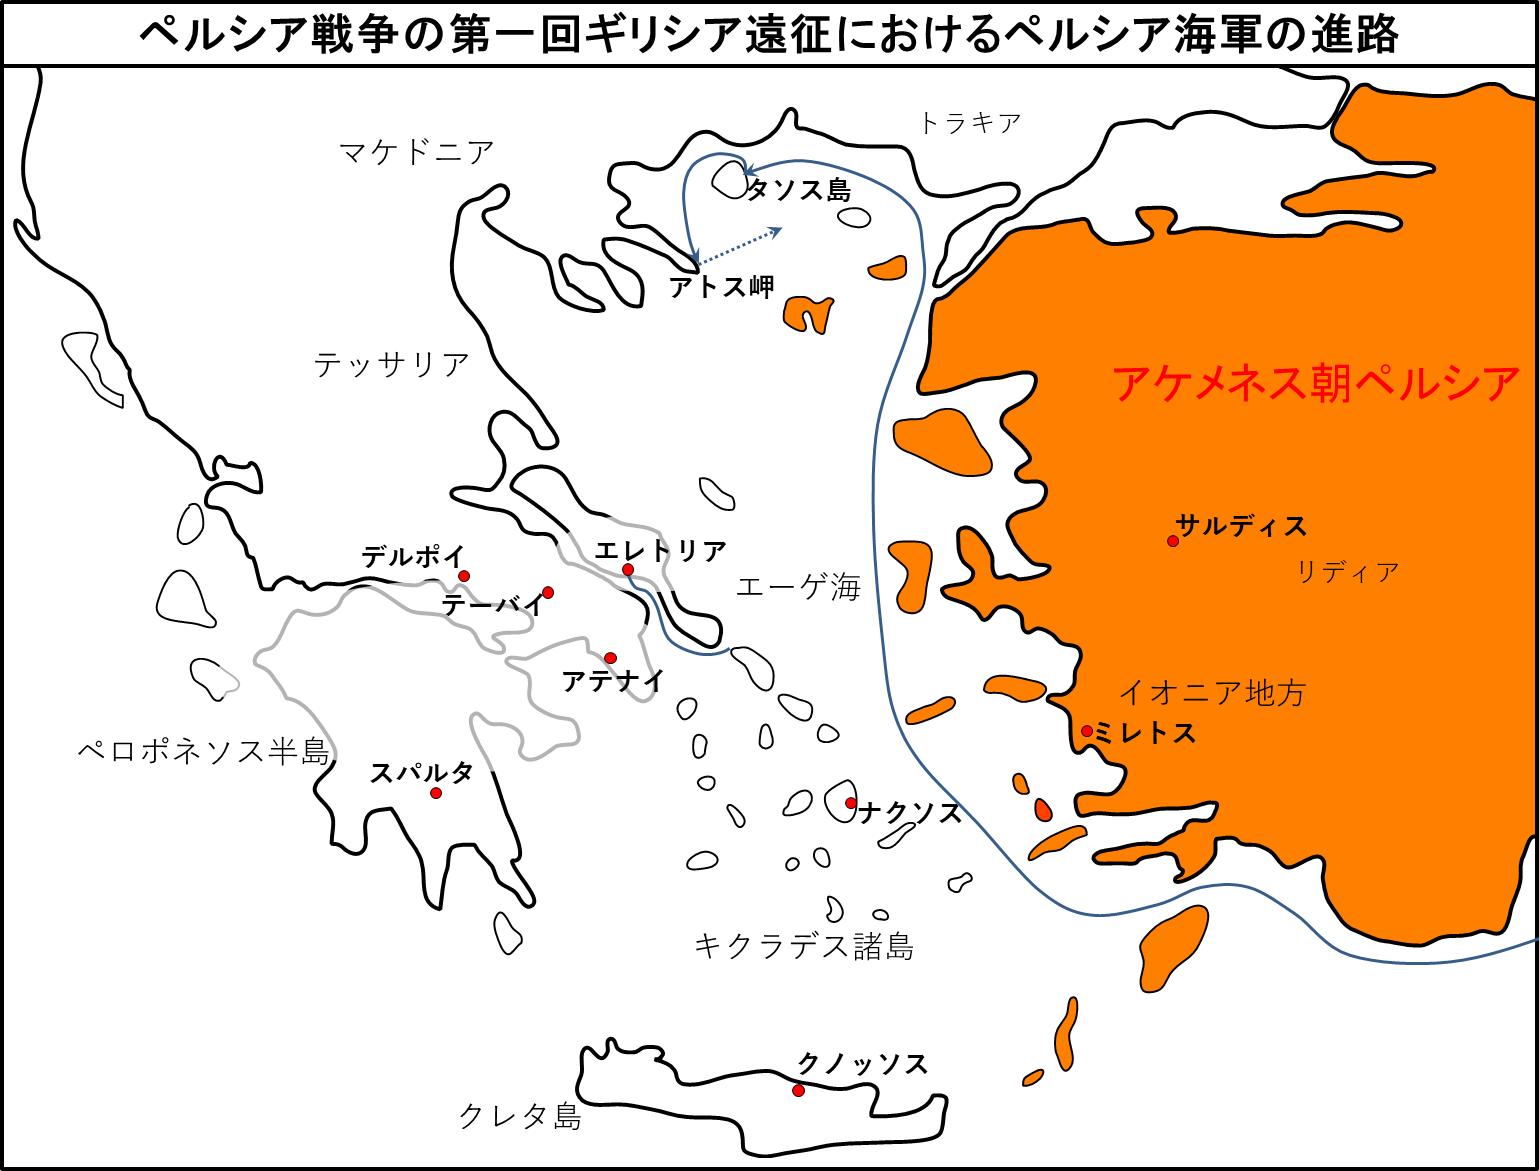 ペルシア戦争の第一回ギリシア遠征におけるペルシア海軍の進路